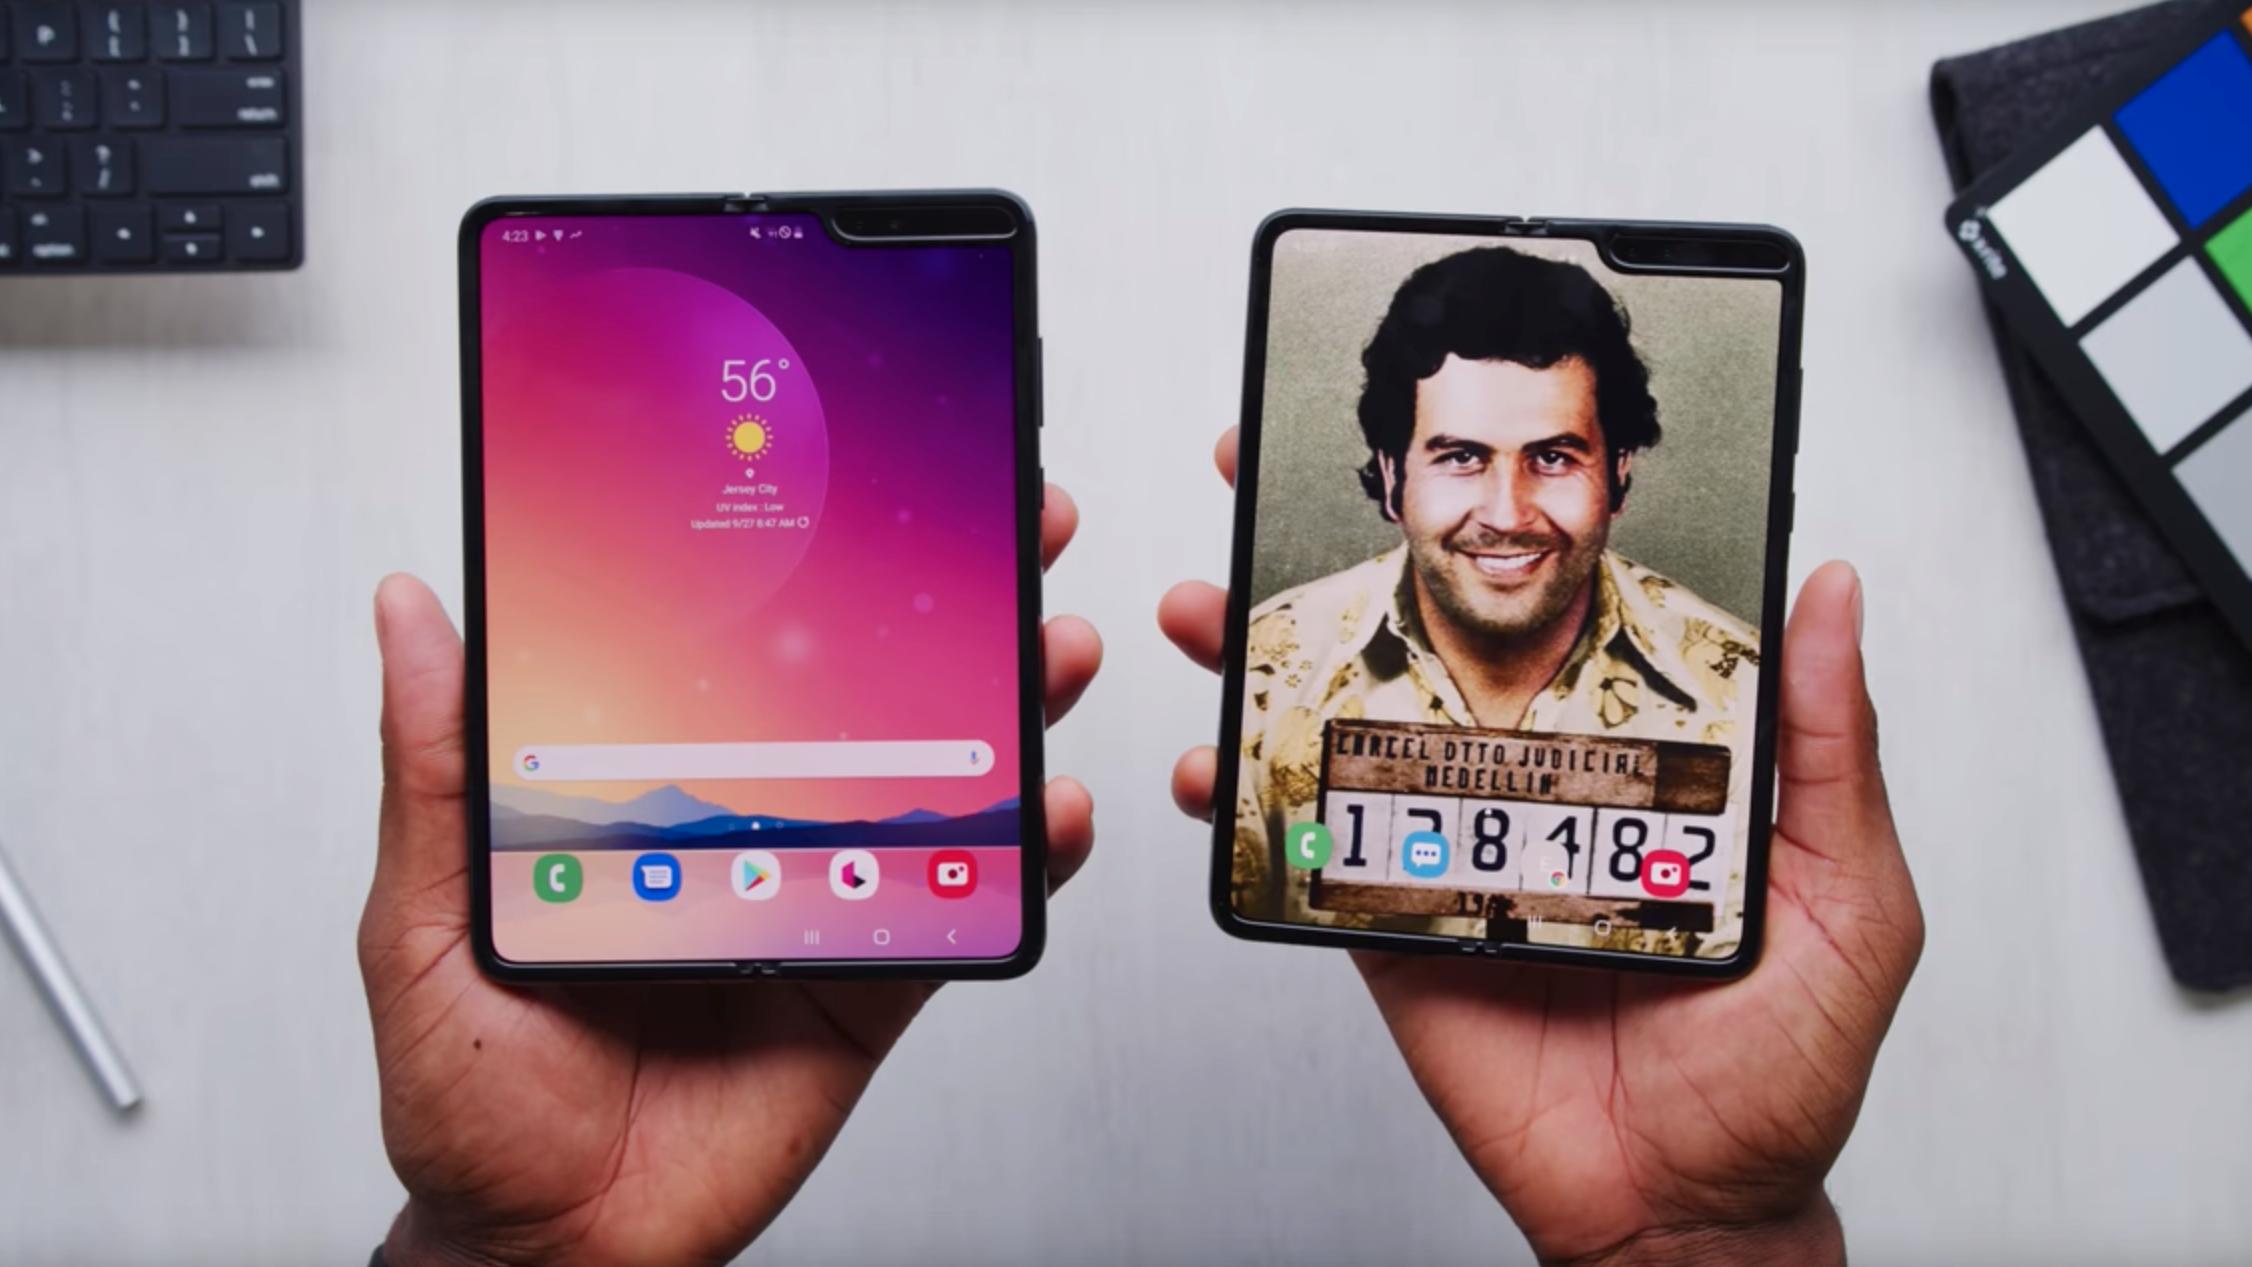 Escobar Fold 2 er en Samsung Galaxy Fold med gullfolie på, konkluderer Marques Brownlee.